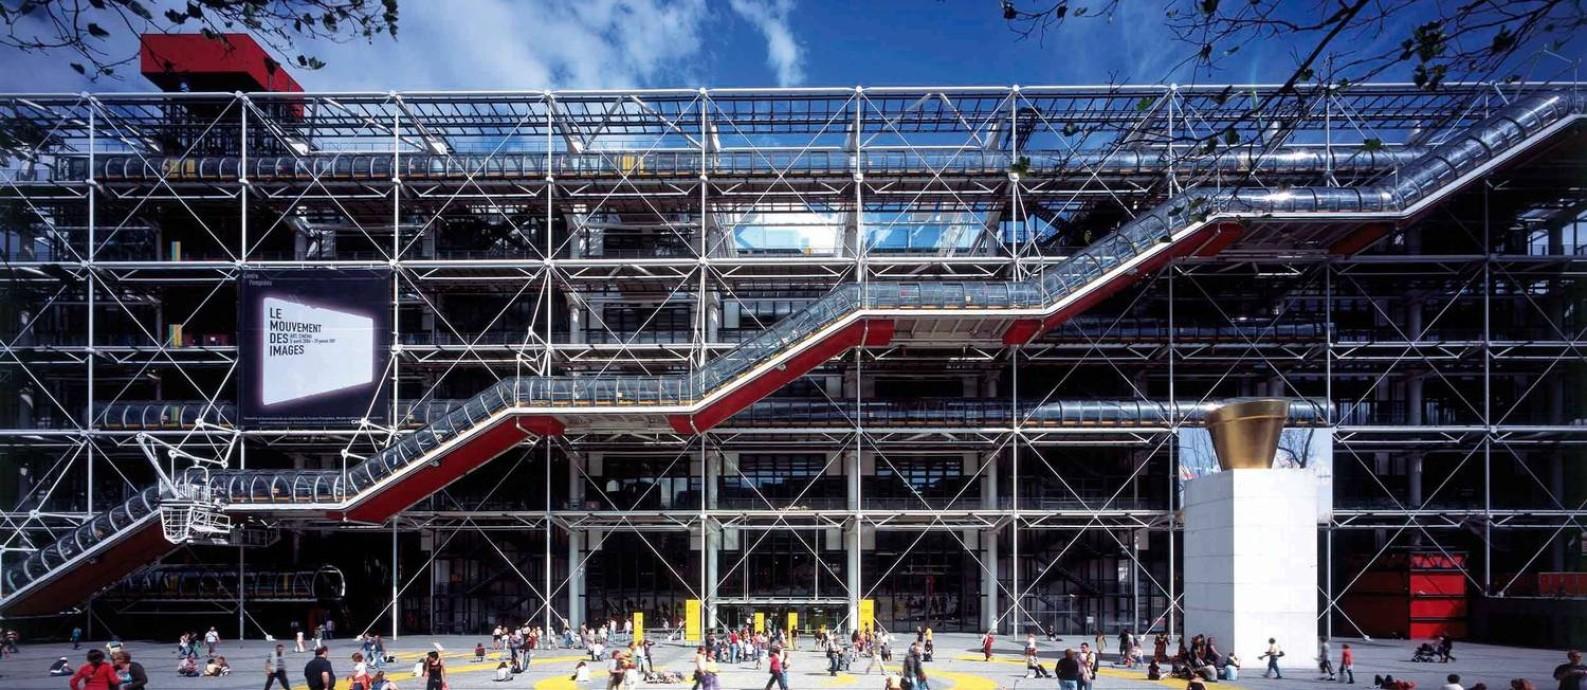 centro-pompidou-em-paris-vai-reabrir-com-sistema-de-mao-unica-e-mascaras